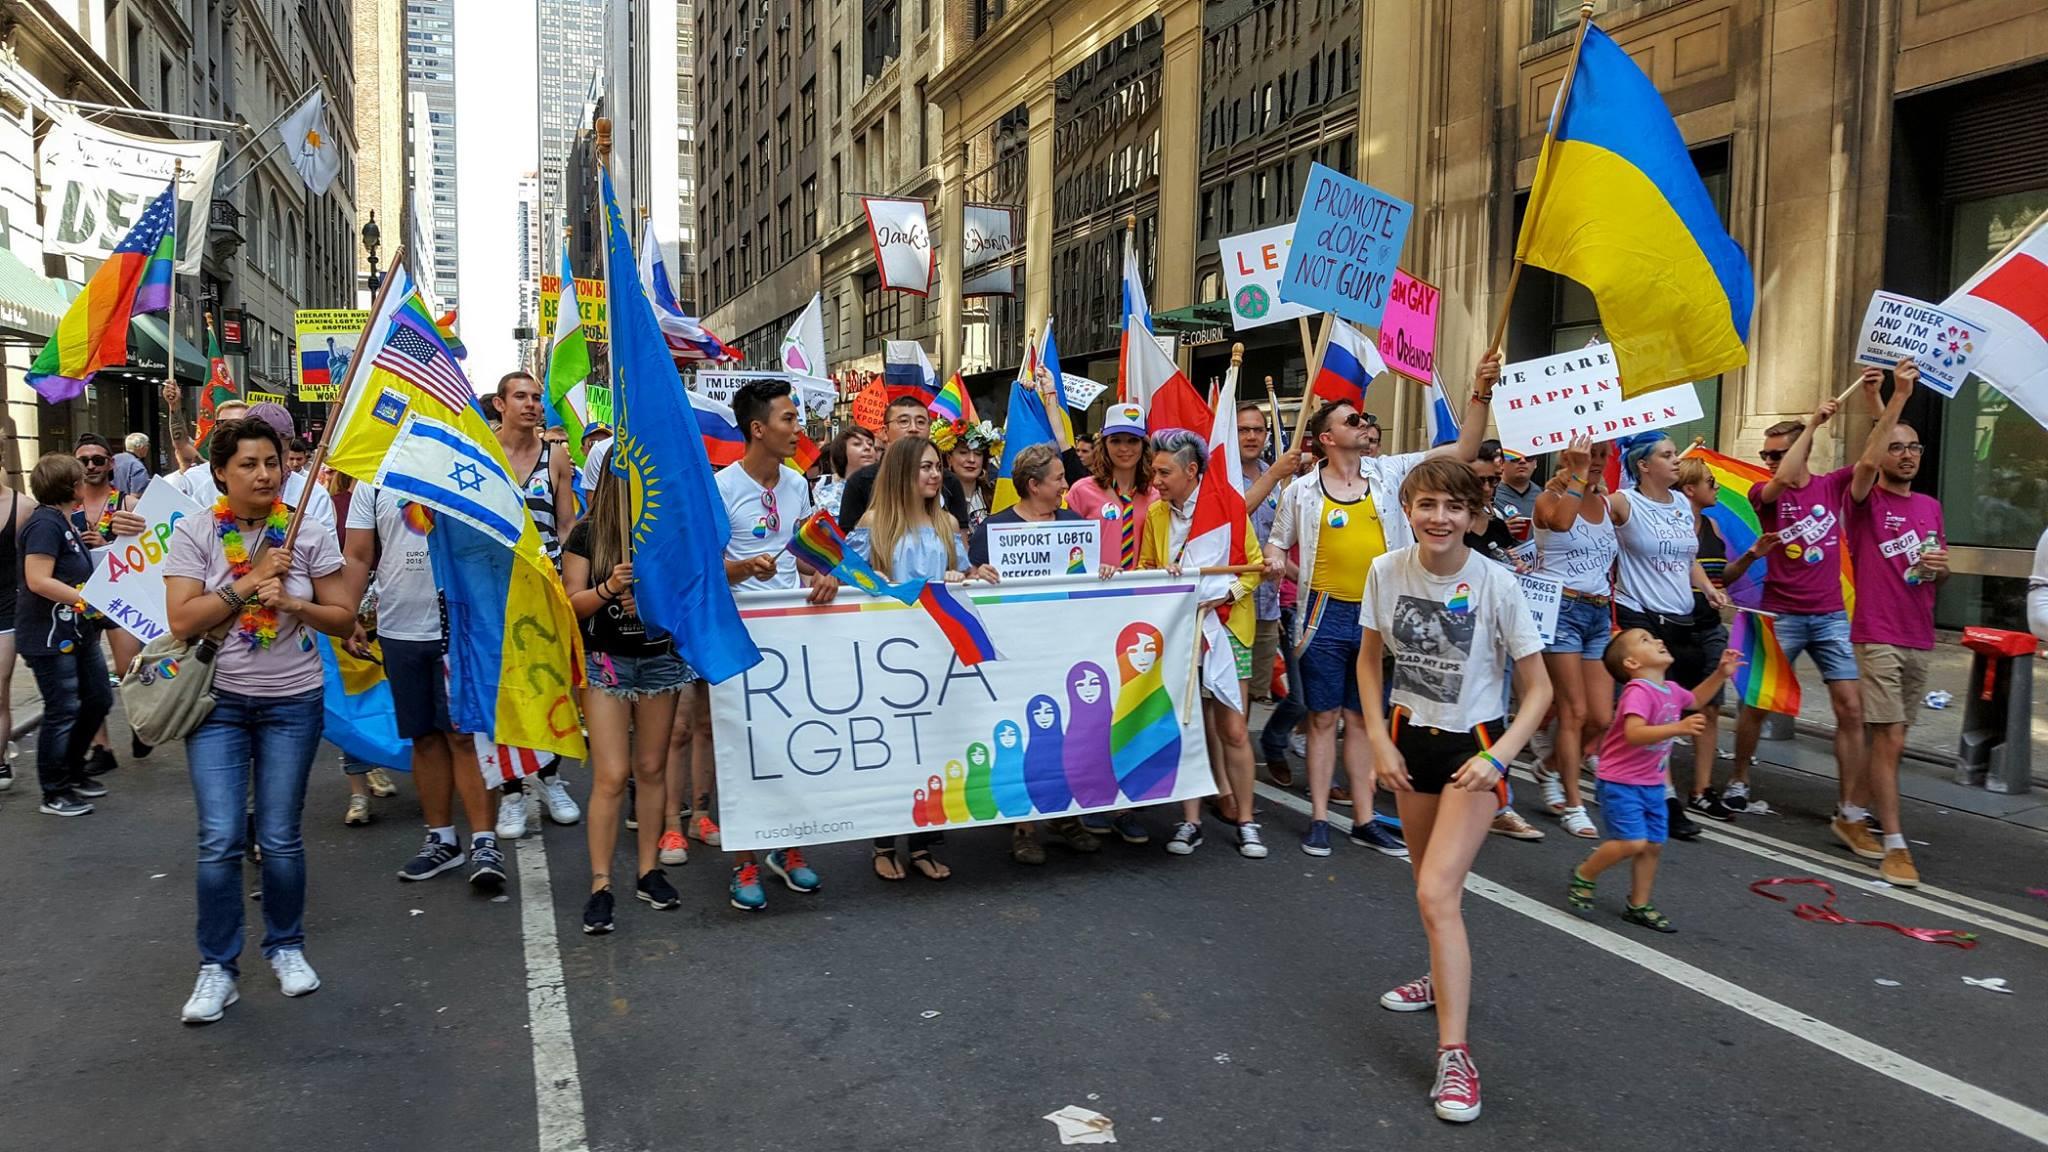 Шквал критики обрушился на несшую флаг Казахстана участницу гей-парада в США